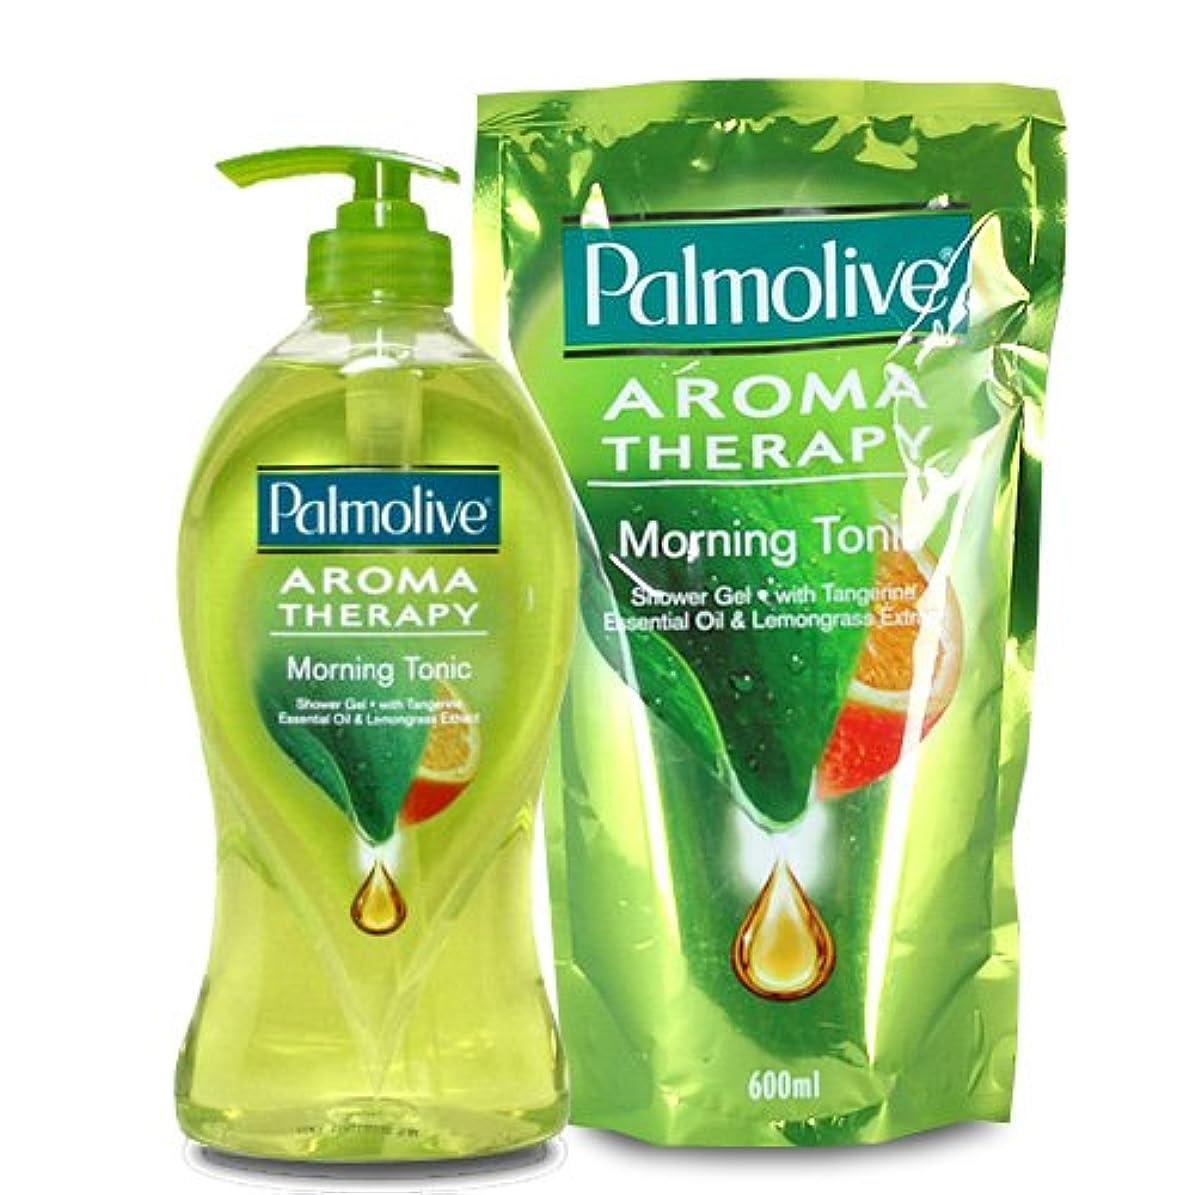 明確な独特の満州【Palmolive】パルモリーブ アロマセラピーシャワージェル ボトルと詰め替えのセット (モーニングトニック)